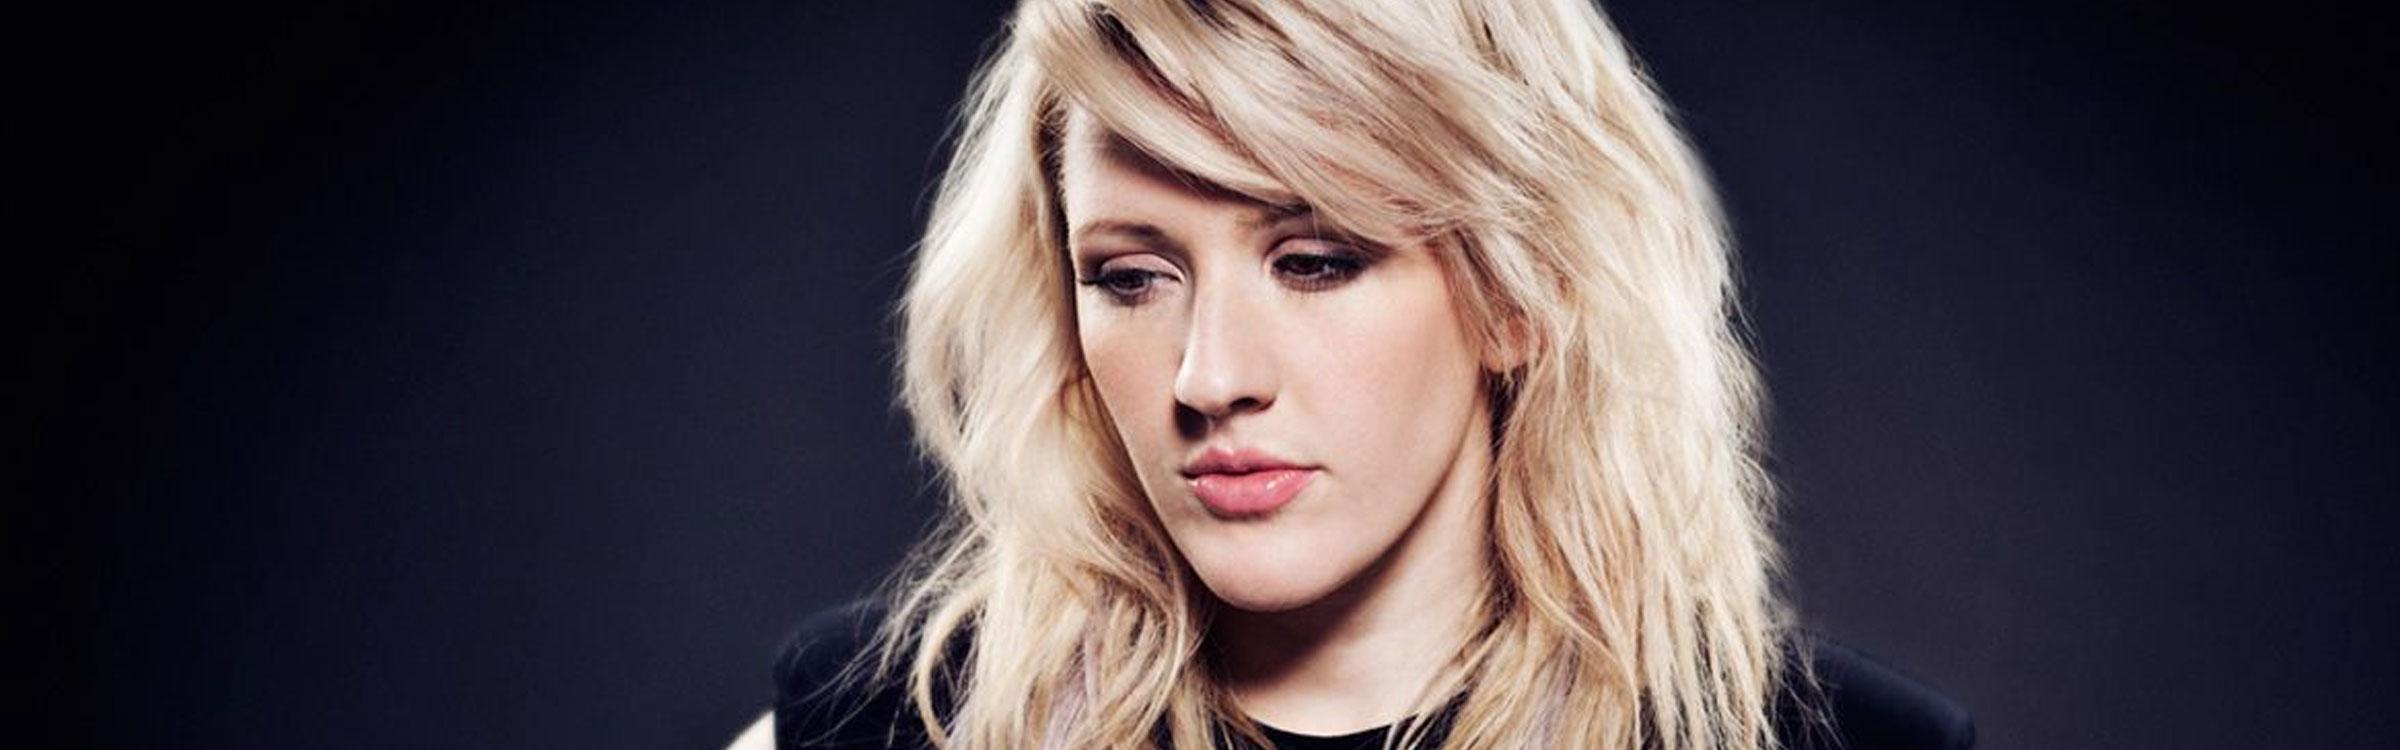 Ellie topgear header